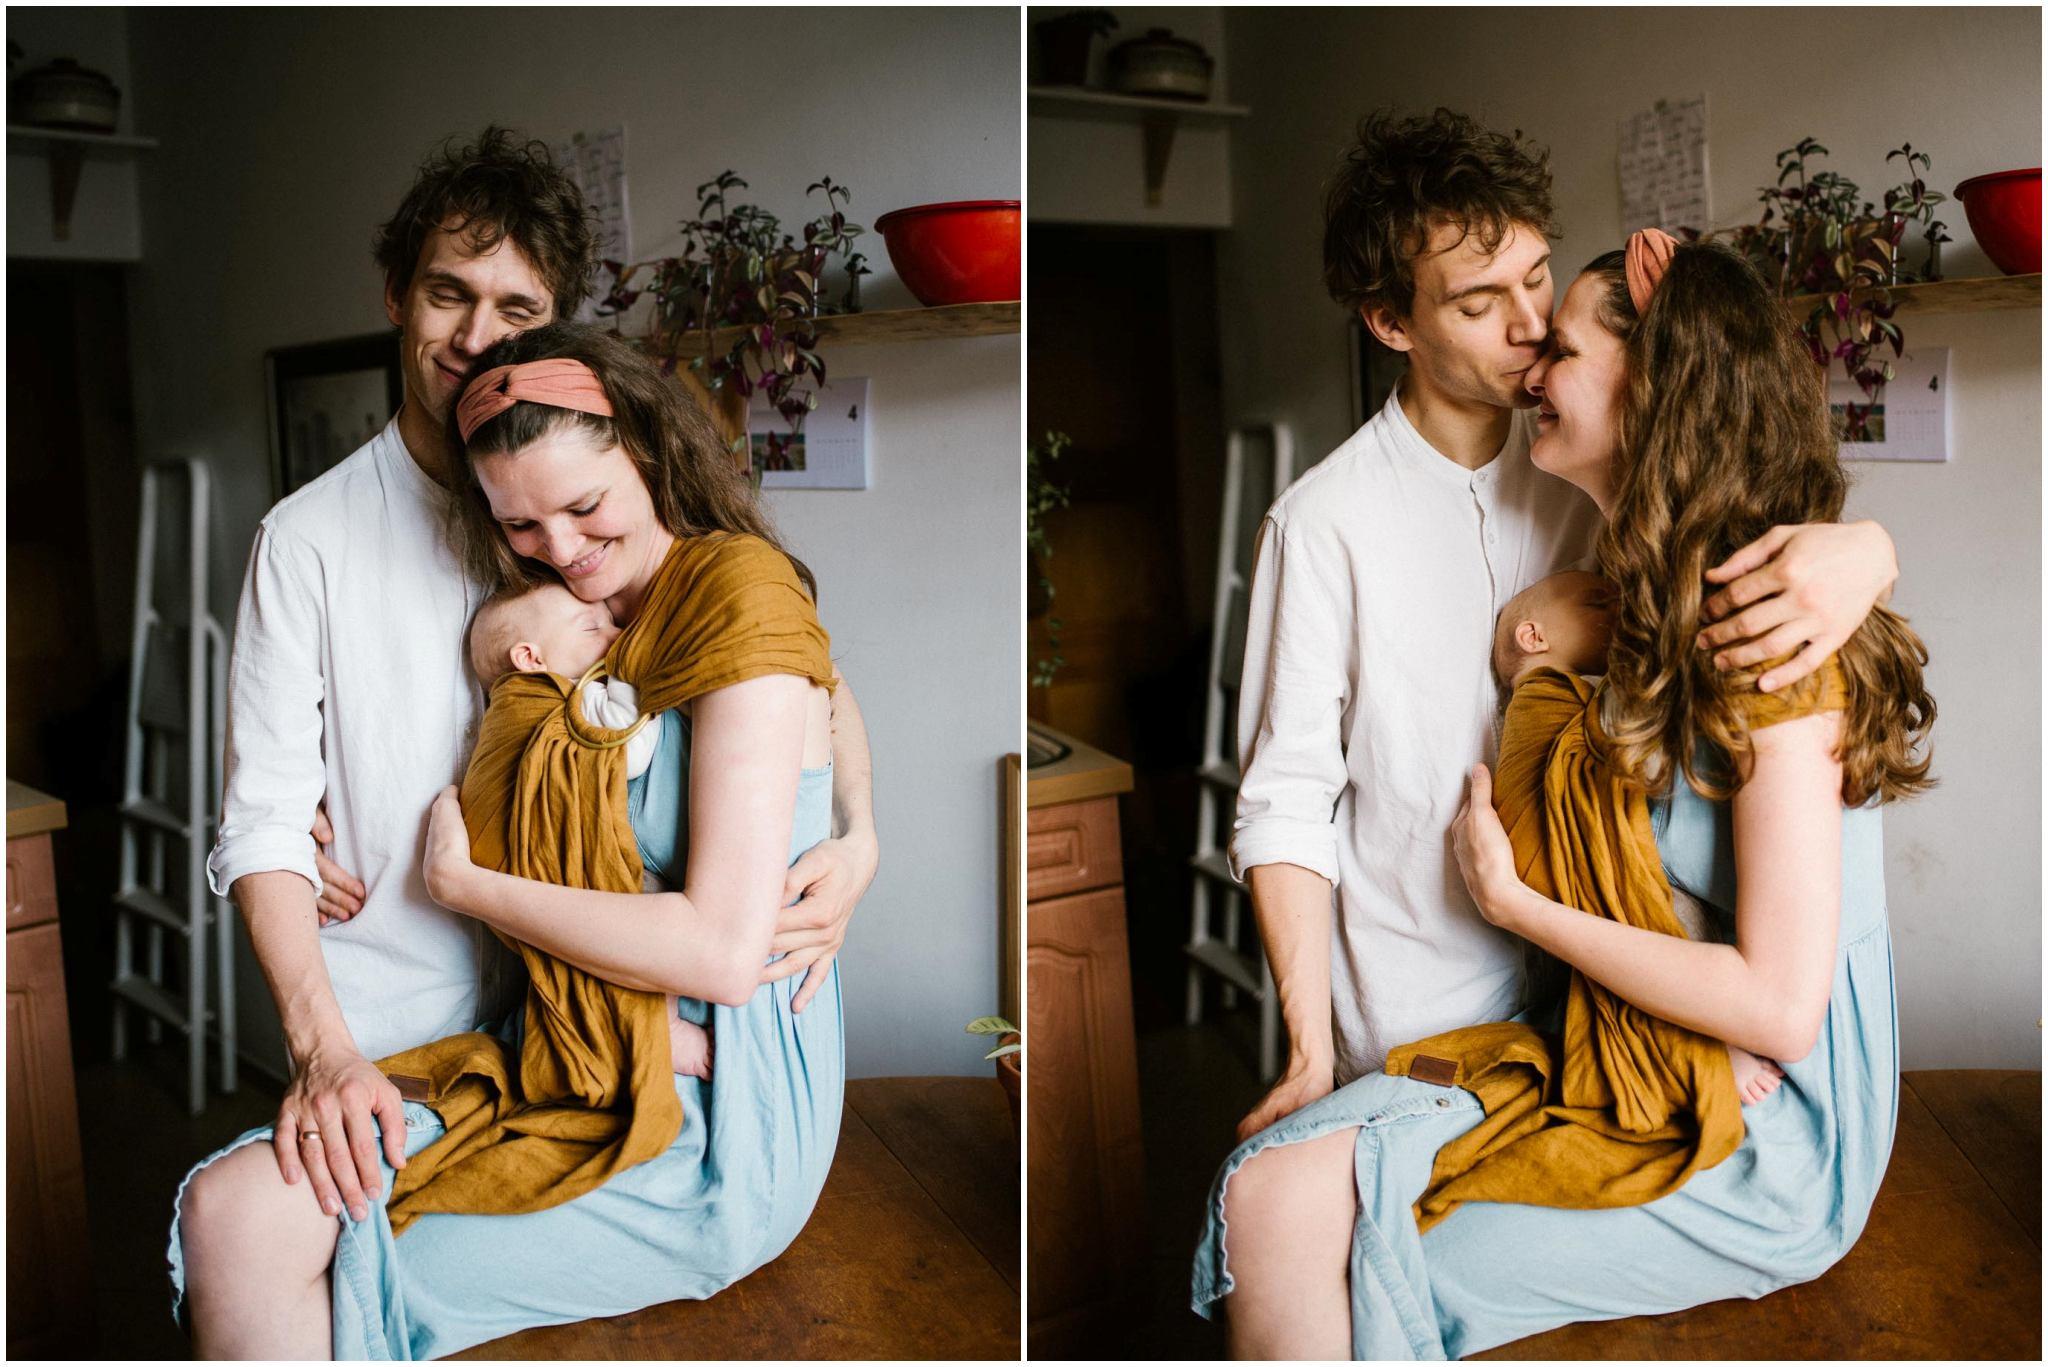 Mama z niemowlęciem zawiązanym w chustę, przytula ich tata - Sesja niemowlęca lifestyle w domu Poznań